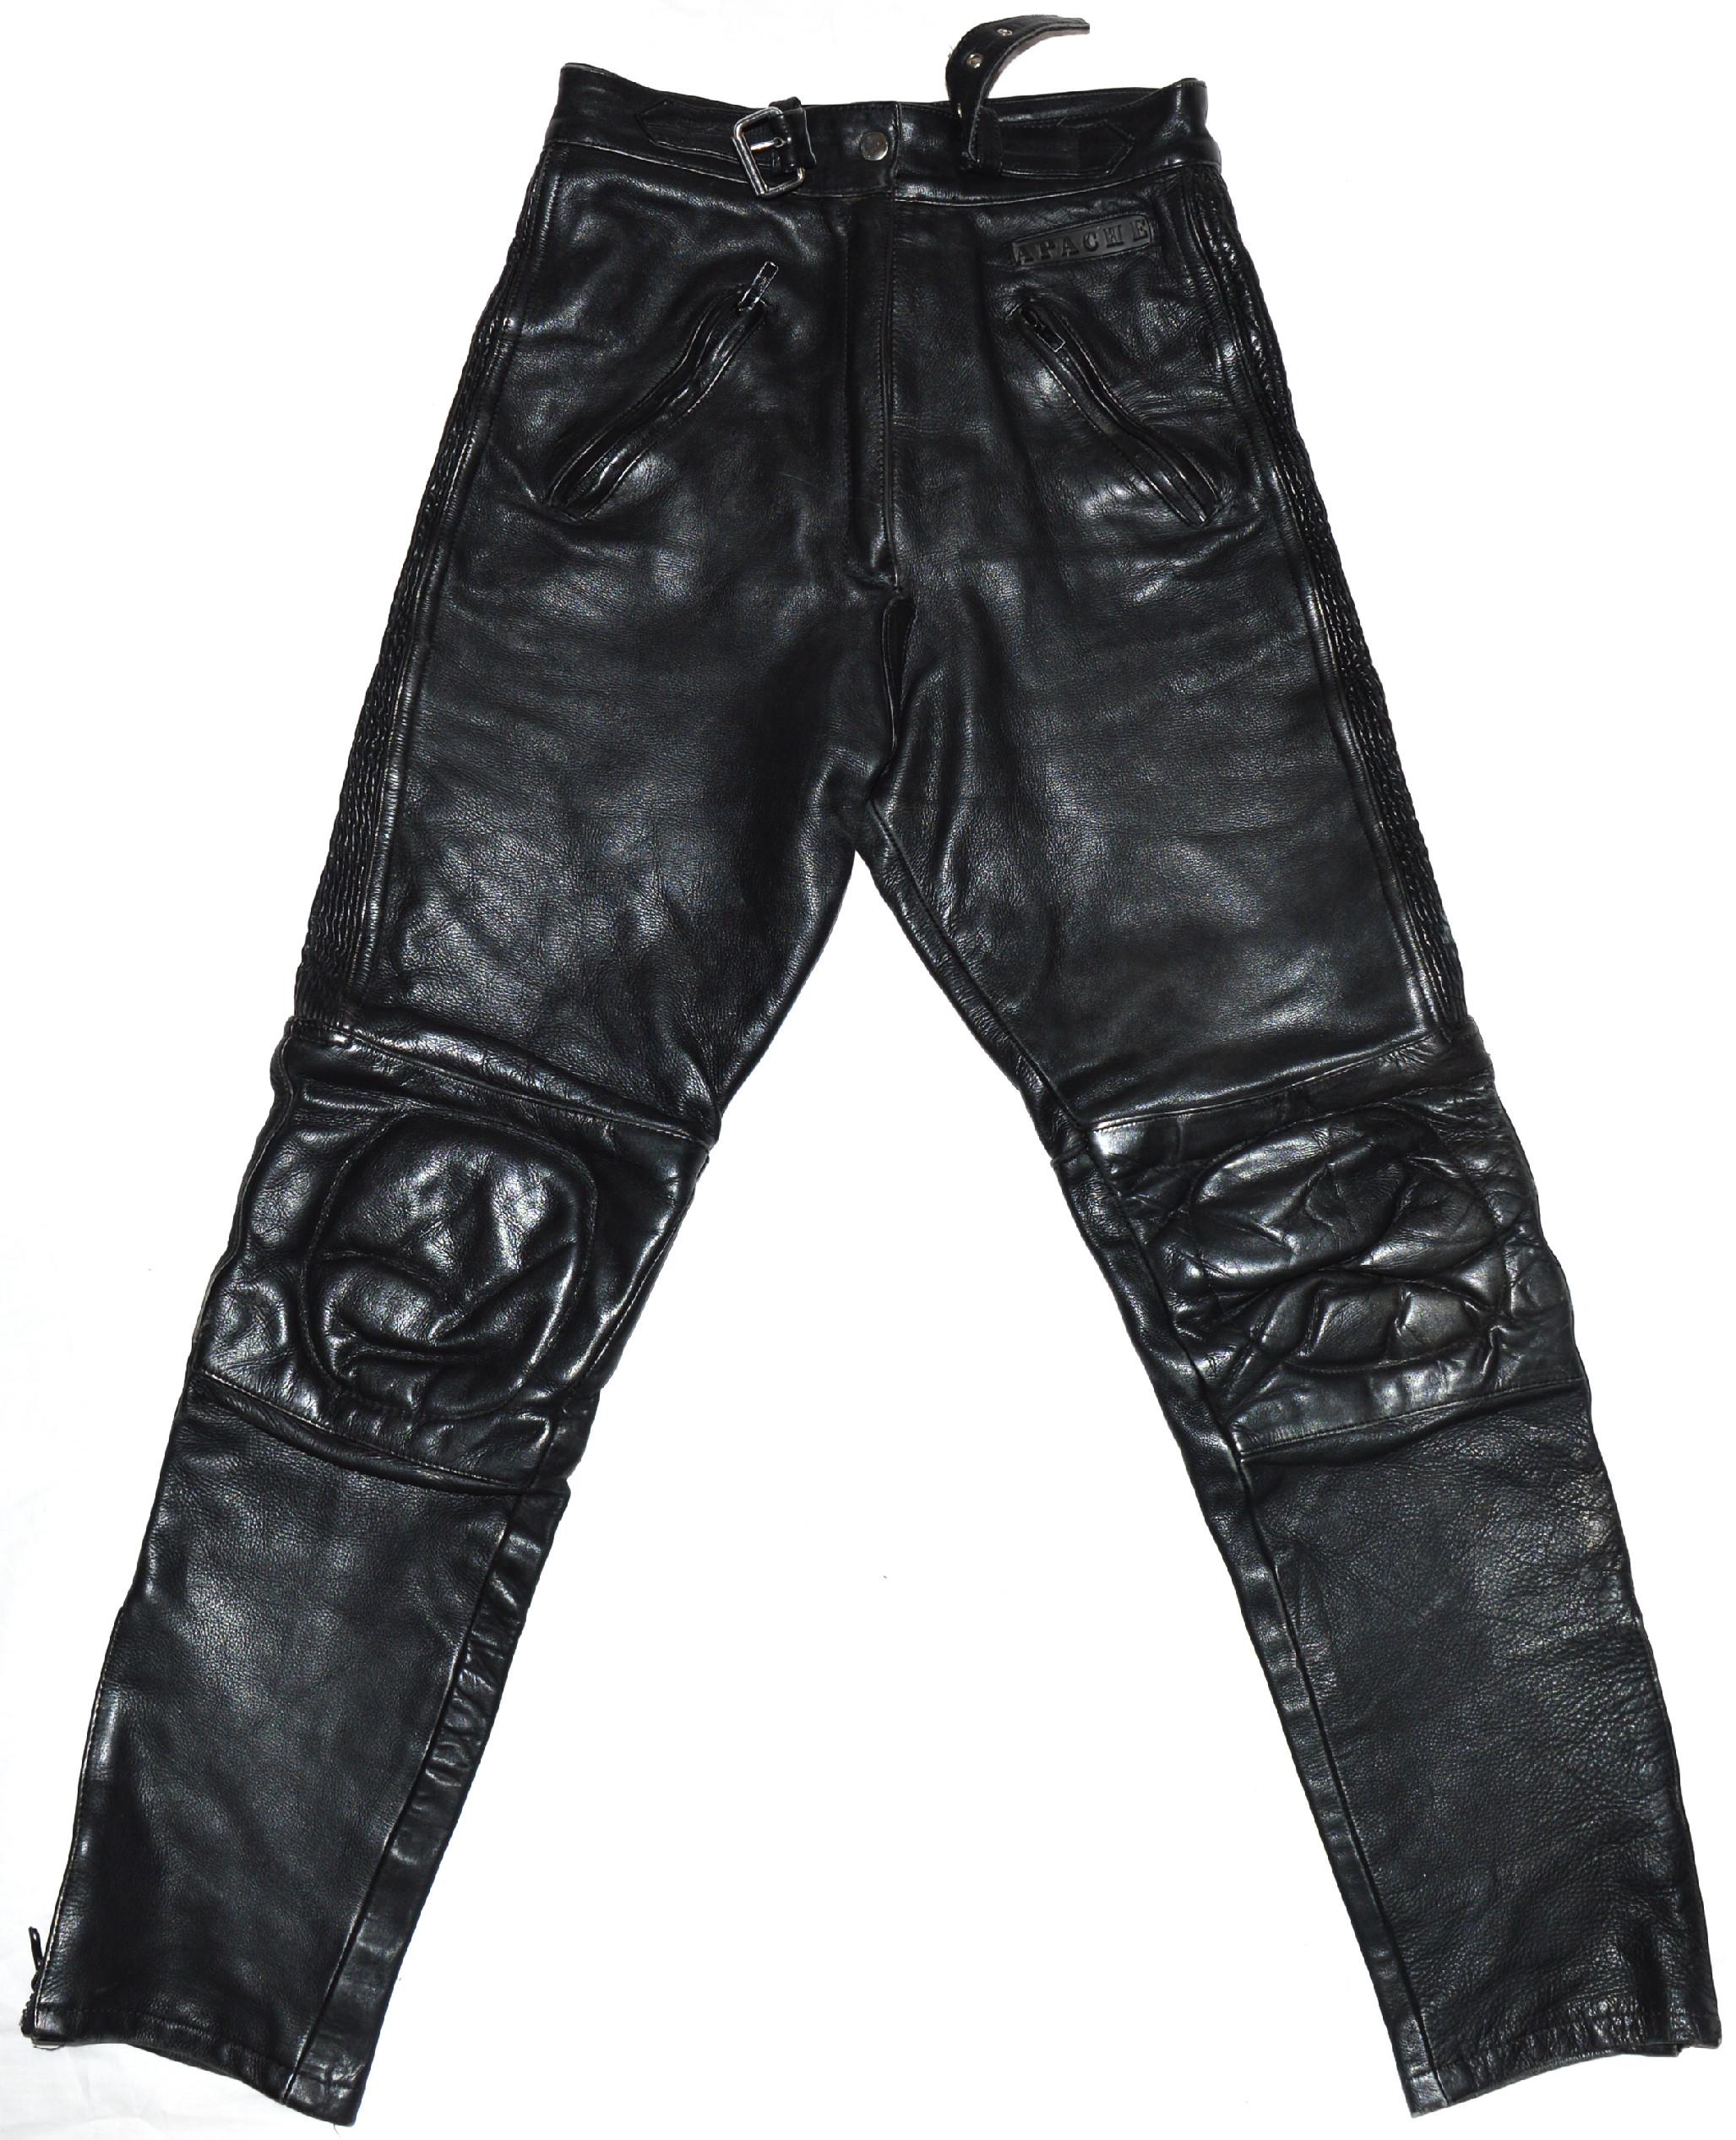 6b7598513c6 KOŽENÉ motorkářské černé kalhoty Apache UK 12